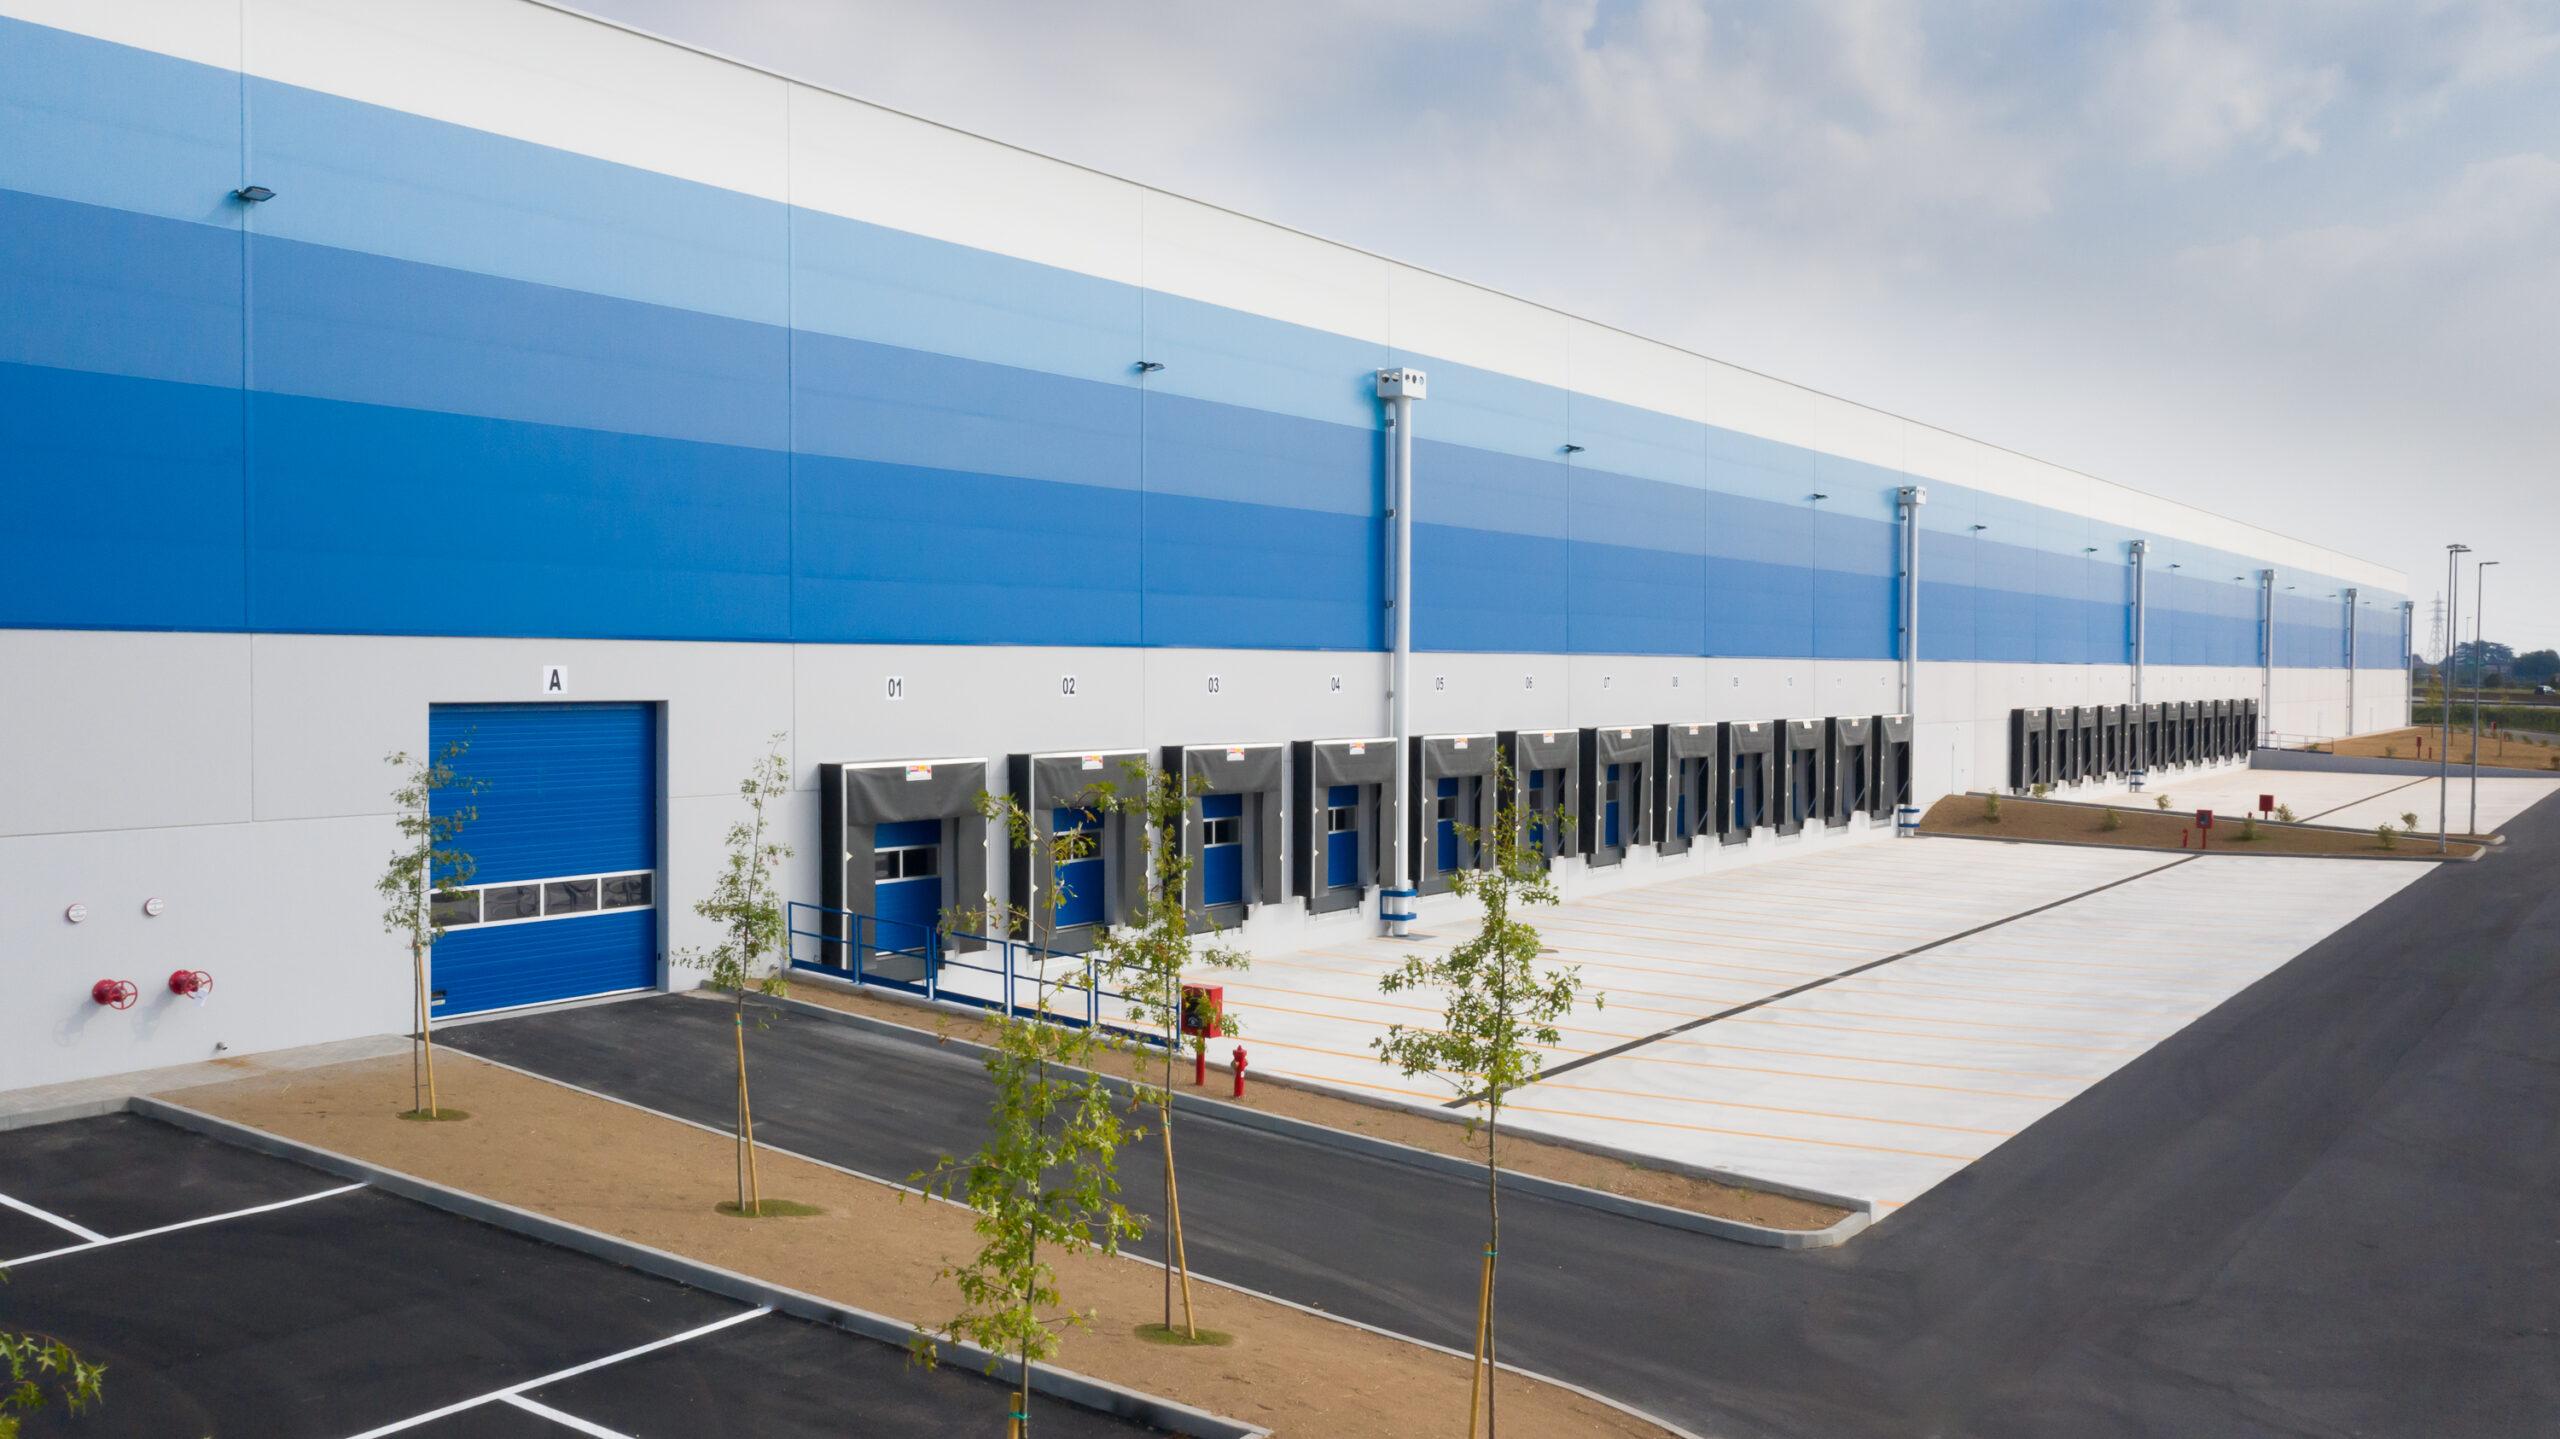 Vista bocche di carico - CARLYLE Mesero | SQM Real Estate miglior agenzia immobiliare per aziende industria terreni logistica sviluppo immobiliare